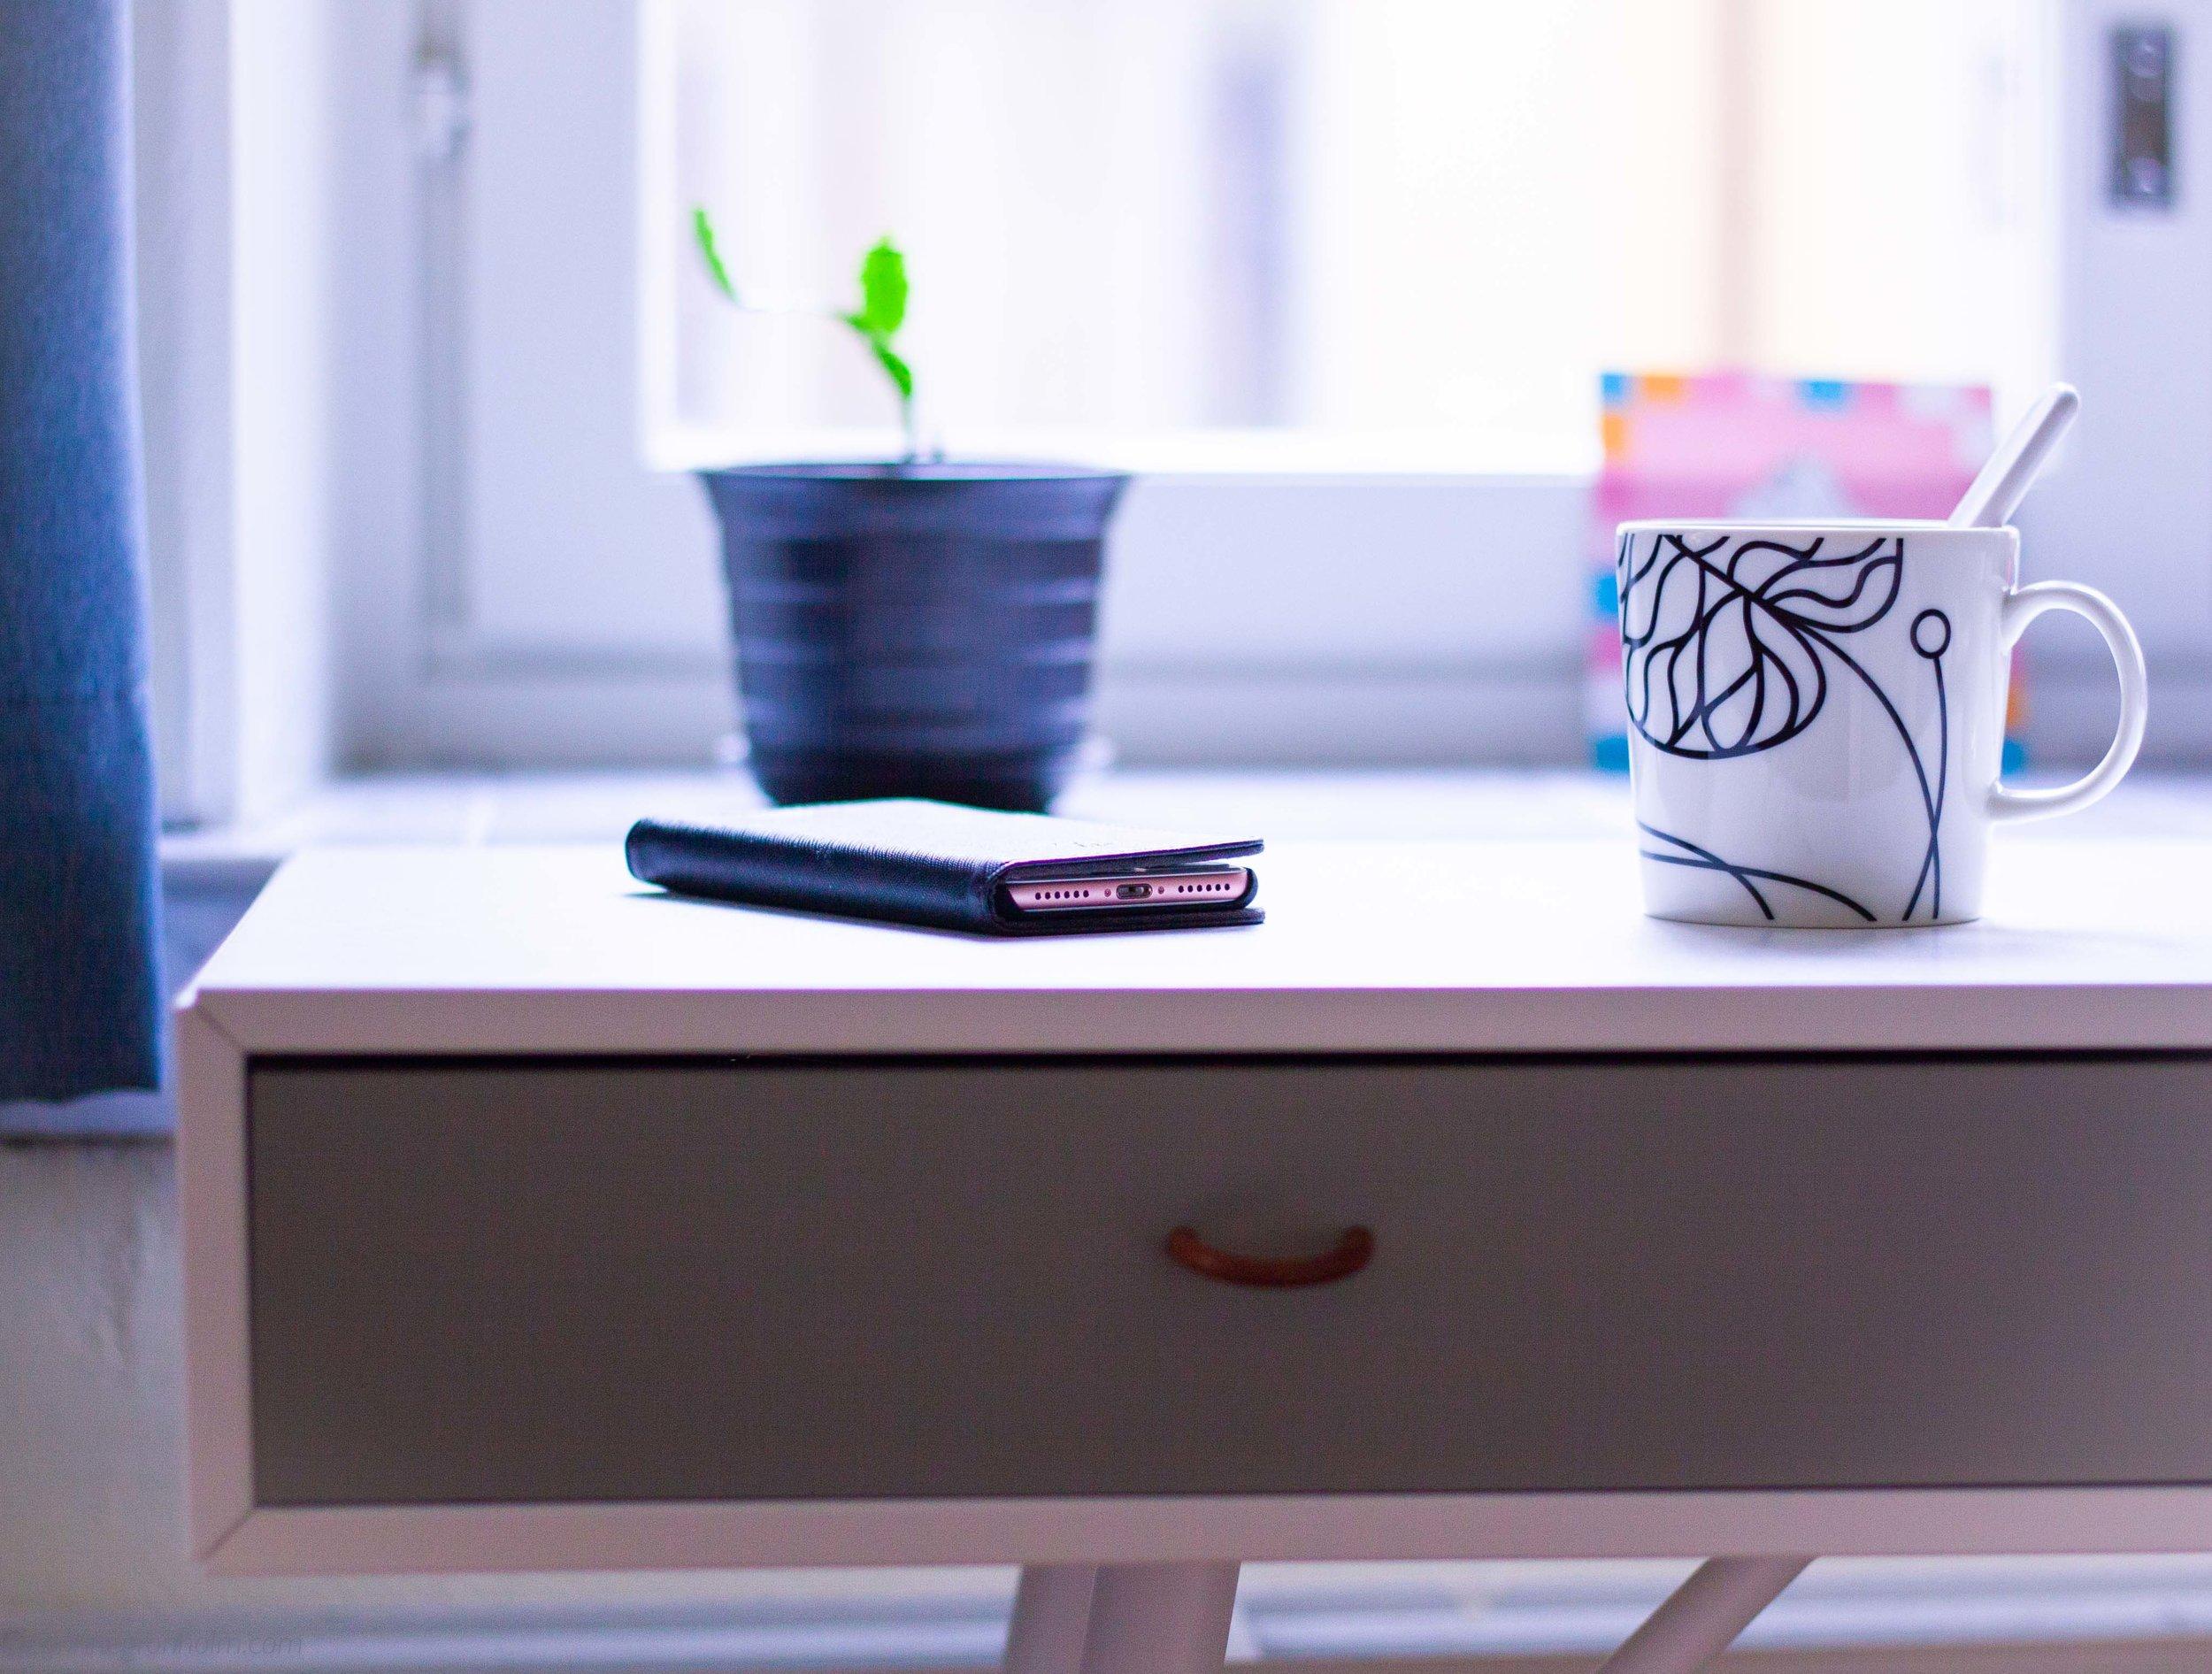 Bästa tipset för en lugn och stressfri morgon -